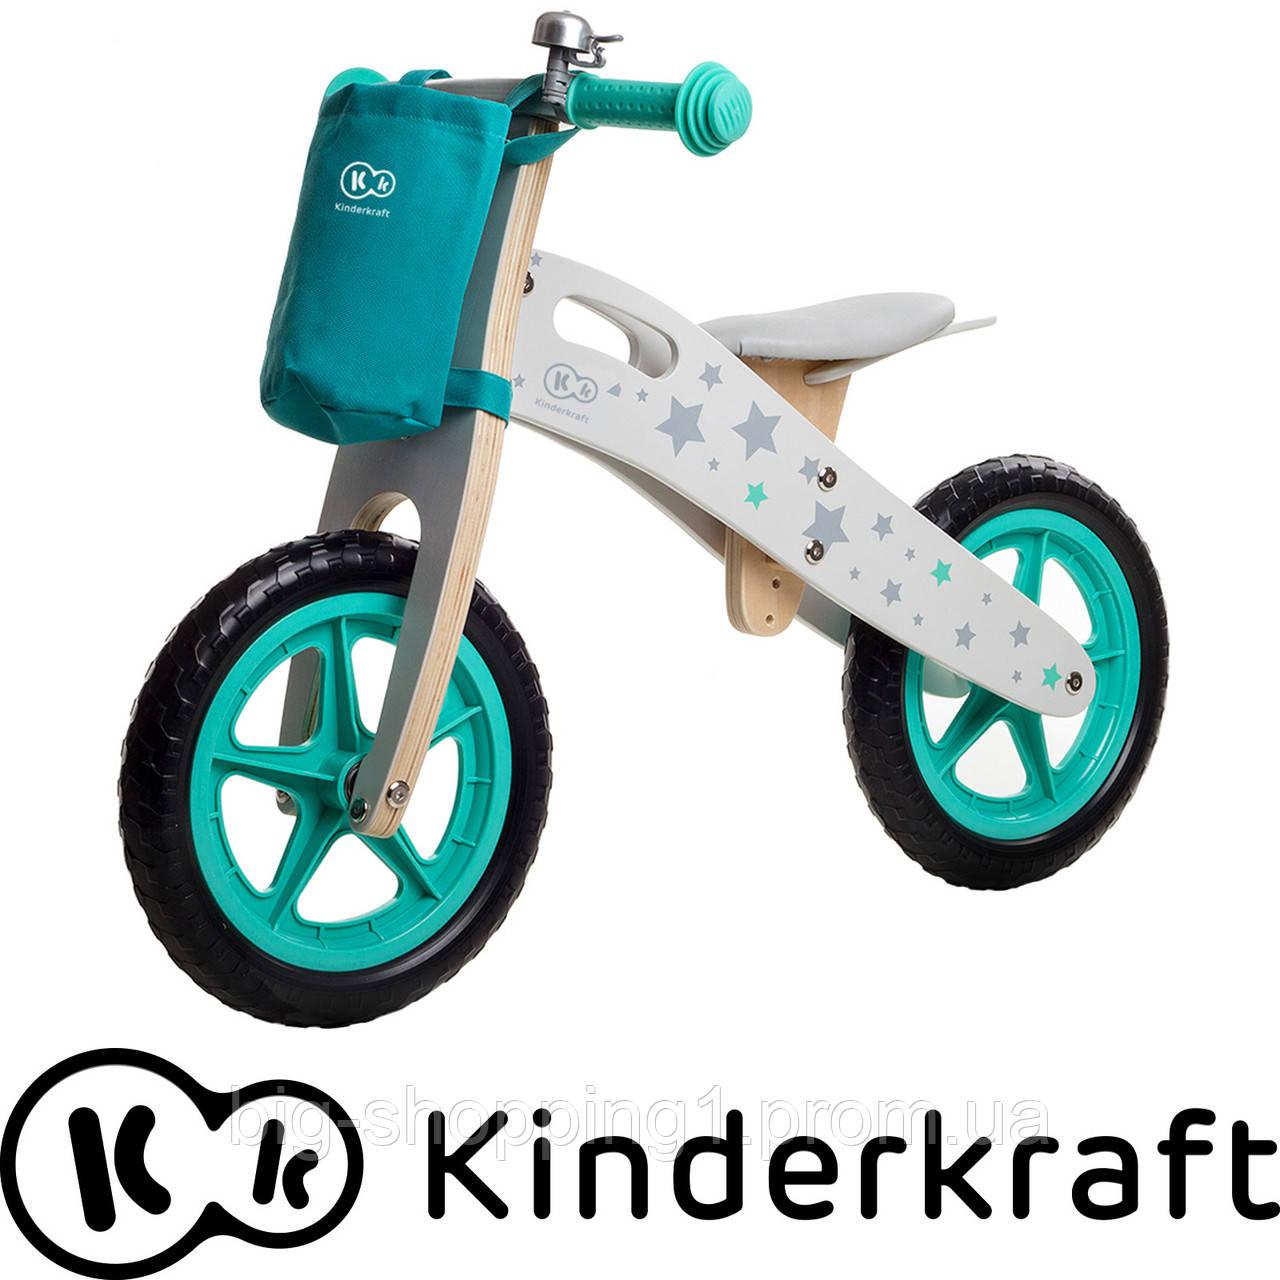 Беговел деревянный детский Runner марки Kinderkraft